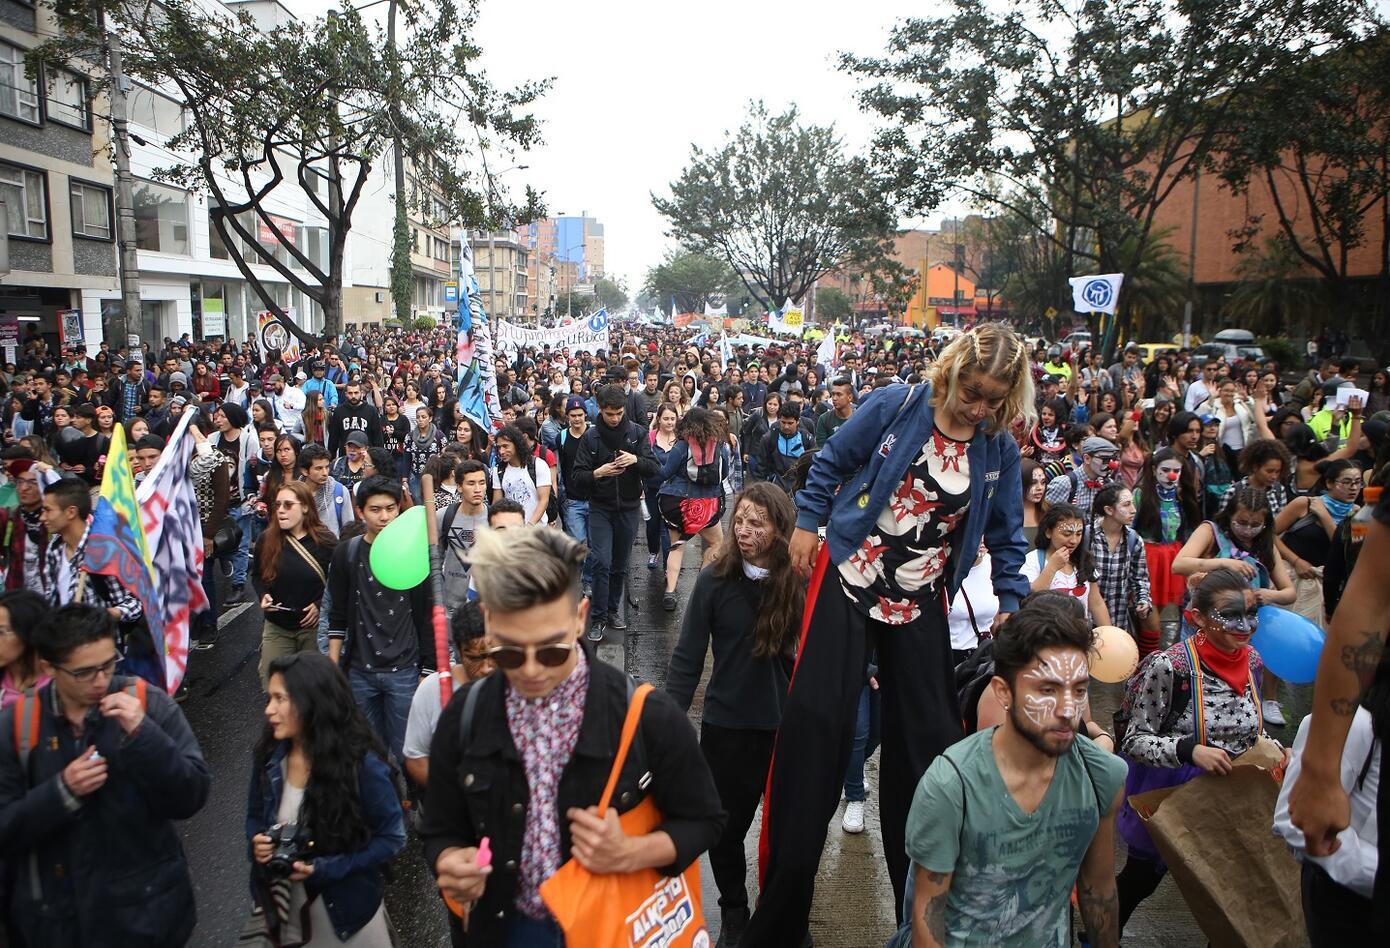 Las movilizaciones, en las que los estudiantes reclaman más atención y recursos del Estado para las instituciones públicas, se dirigían hacia el centro de la capital, punto de confluencia de las protestas.